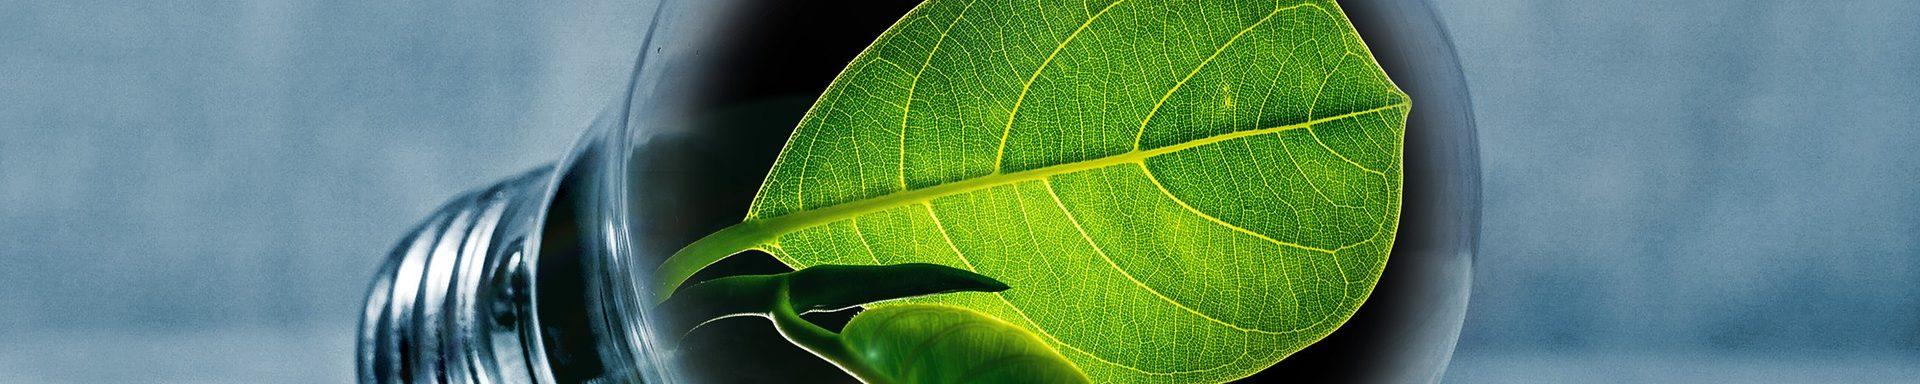 image Offre produit performance énergétique